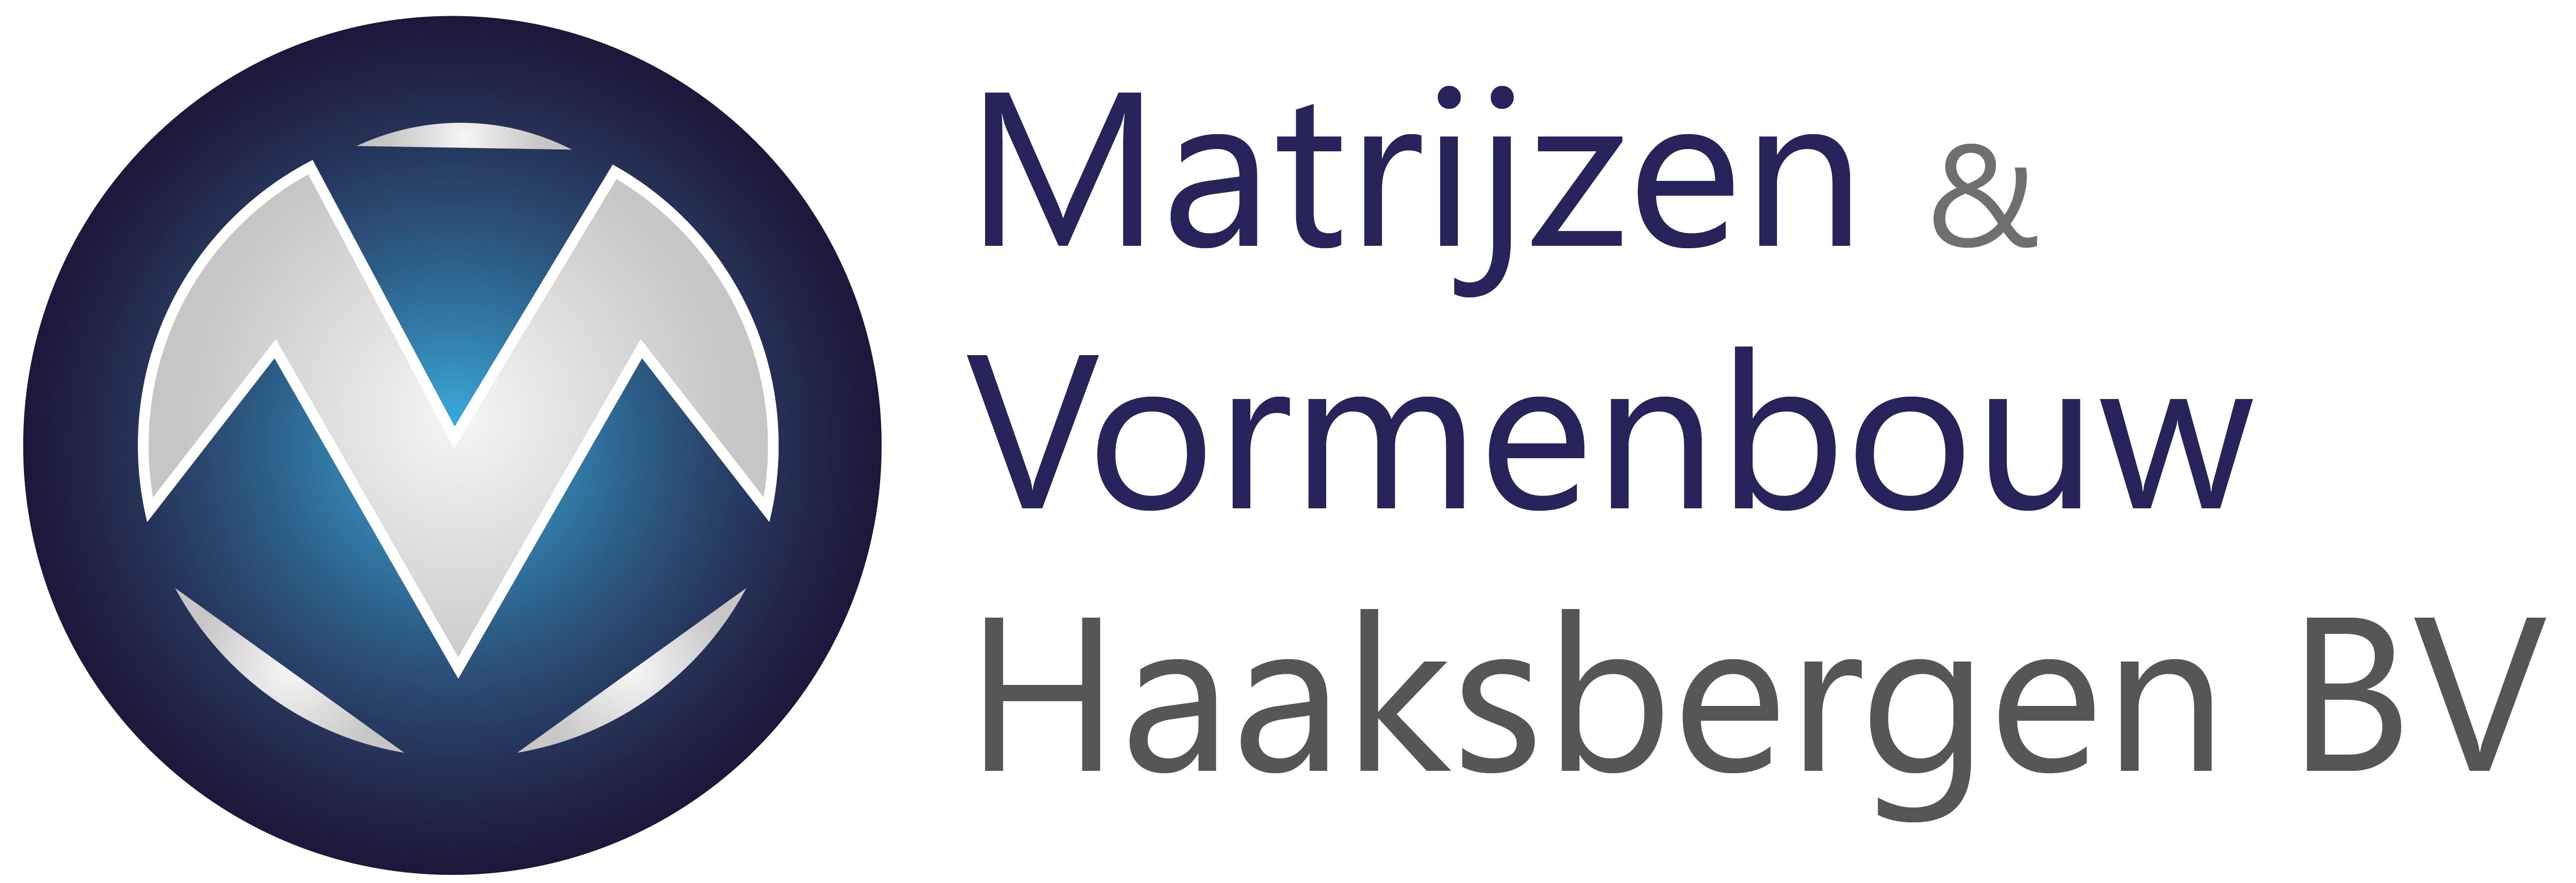 Matrijzen & Vormenbouw Haaksbergen